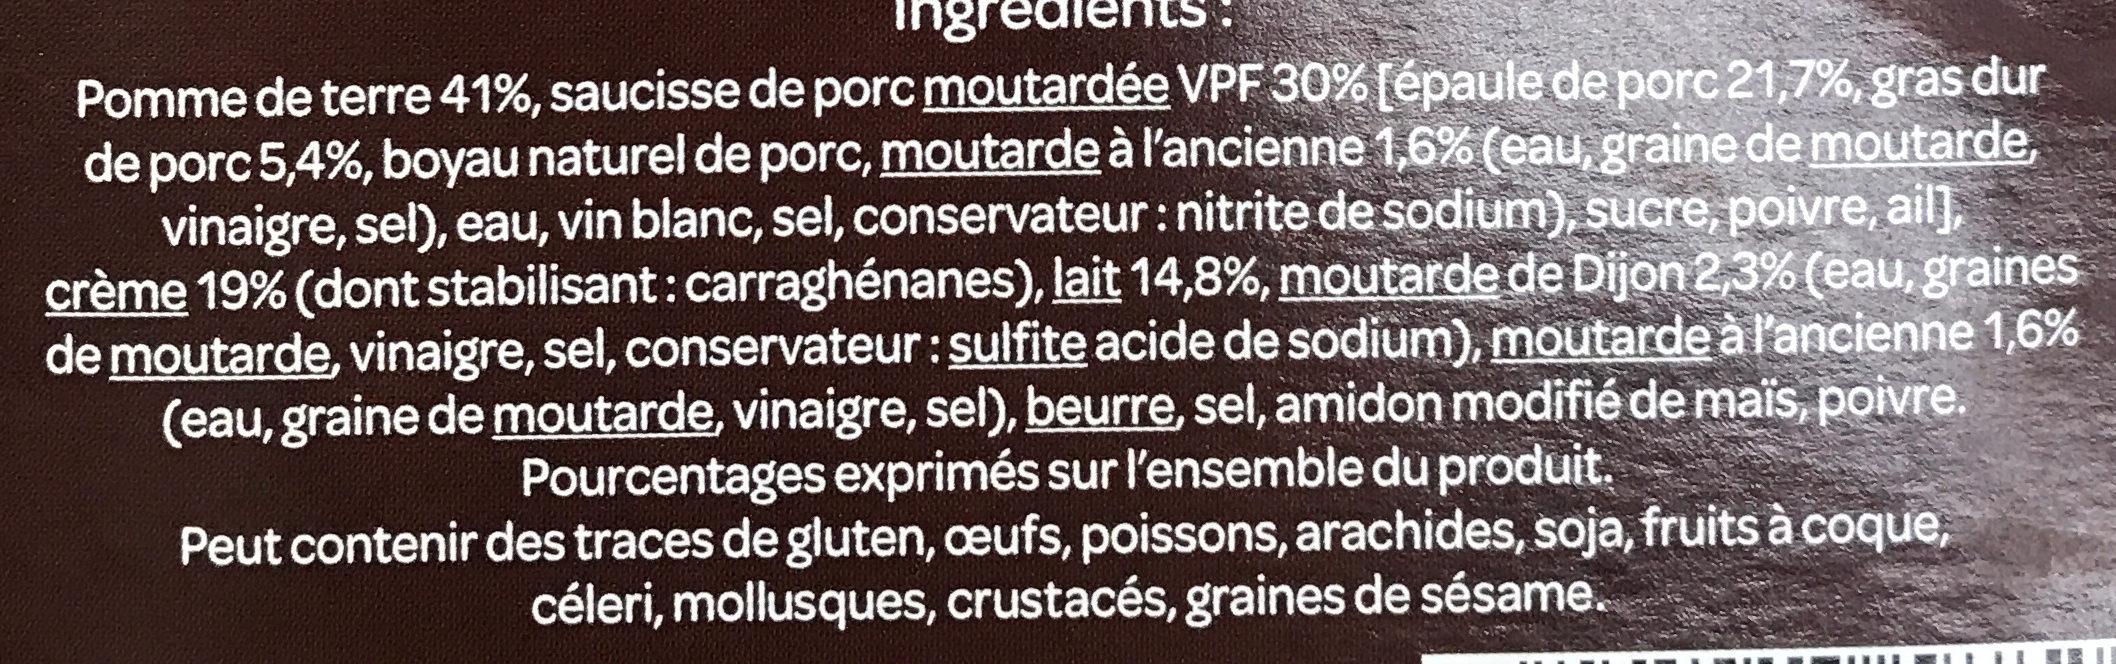 Saucisse et sa purée, sauce aux 2 moutardes - Ingredients - fr